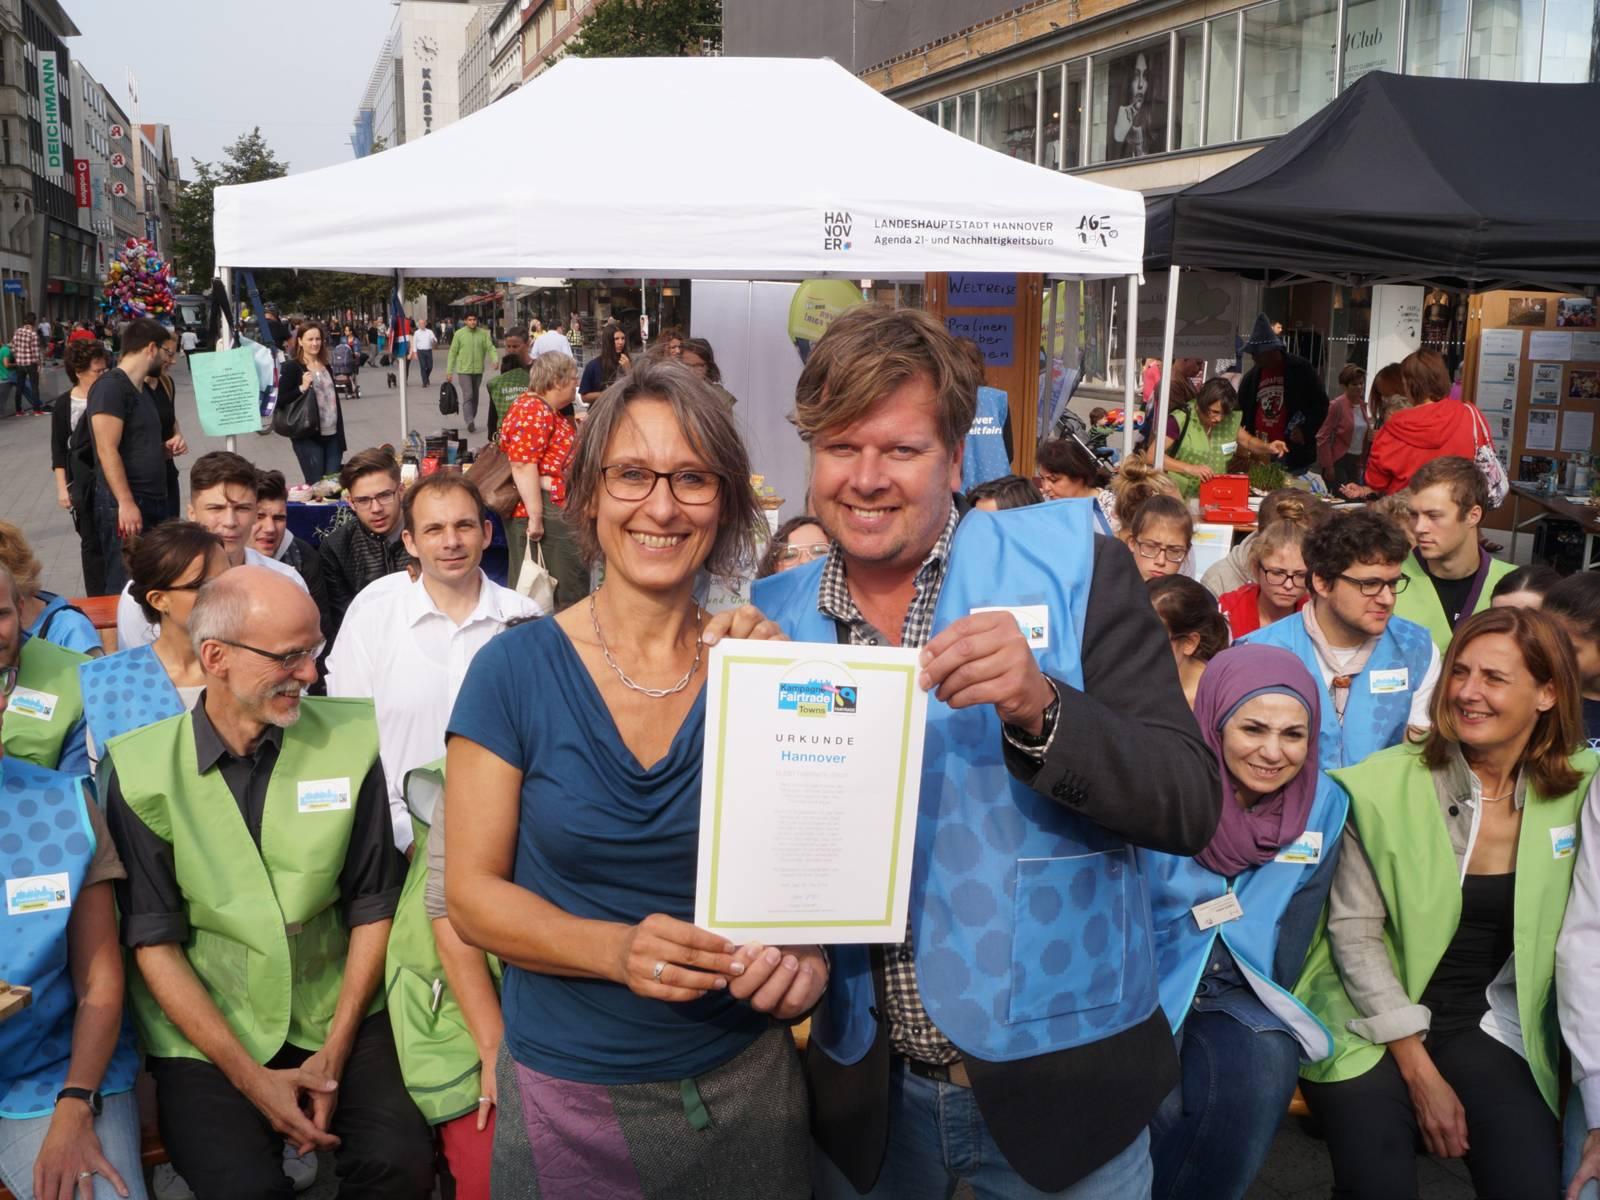 Susanne Wildermann vom Agenda21- und Nachhaltigkeitsbüro und Carsten Elkmann von TransFair e.V.  präsentieren vor Aktiven am Kröpke die Fair Trade Town Urkunde für Hannover